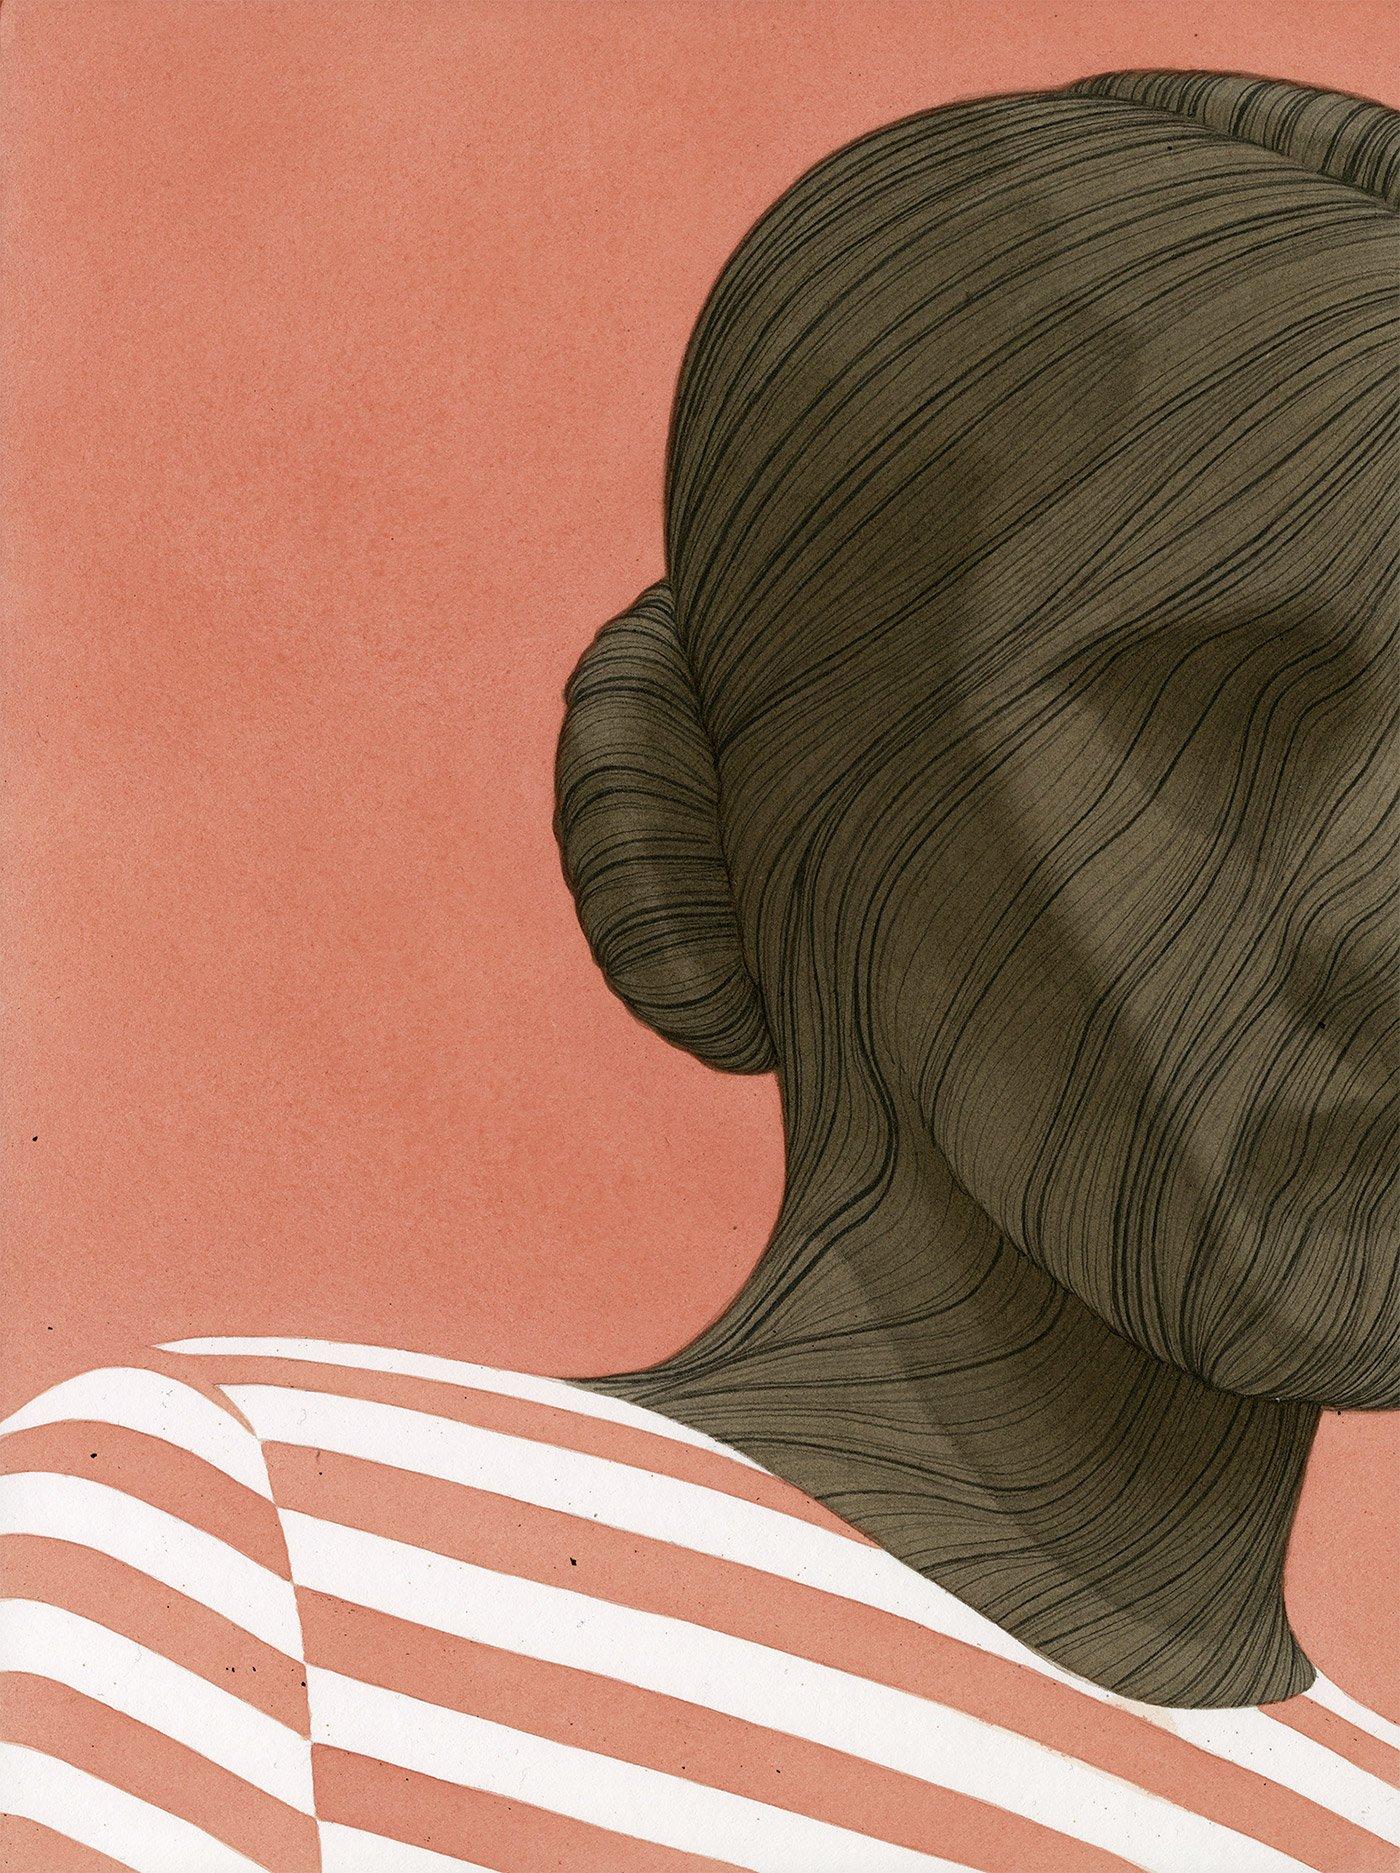 黑�暗孤寂的氛围:Leonardo Santamaria插画作品□ 欣赏